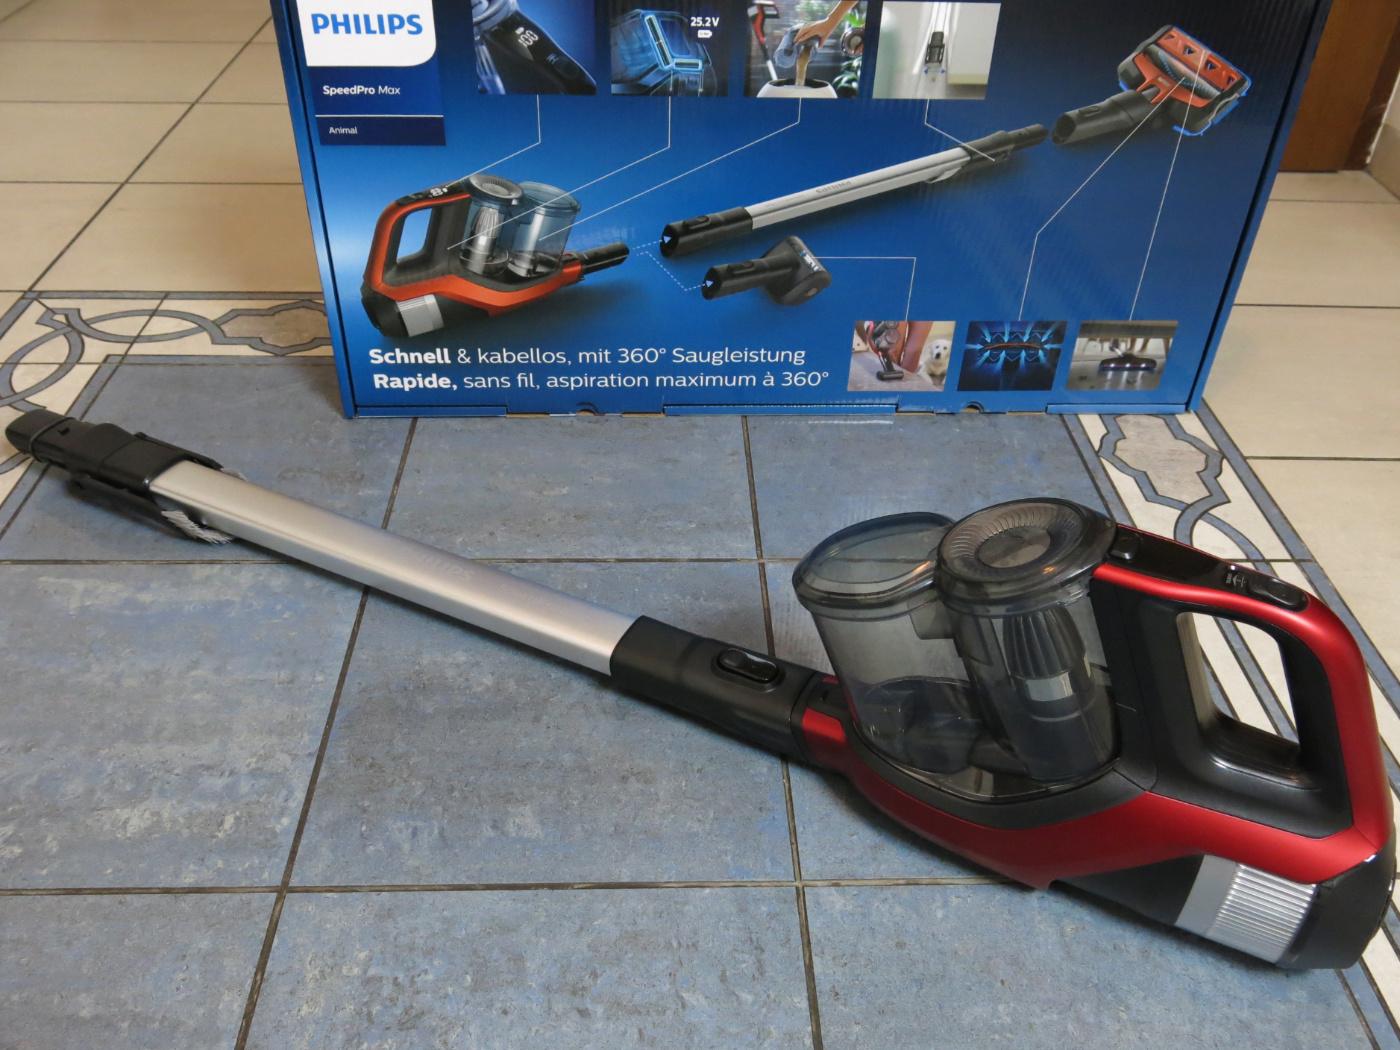 SpeedPro Odkurzacz bezprzewodowy FC672401 | Philips